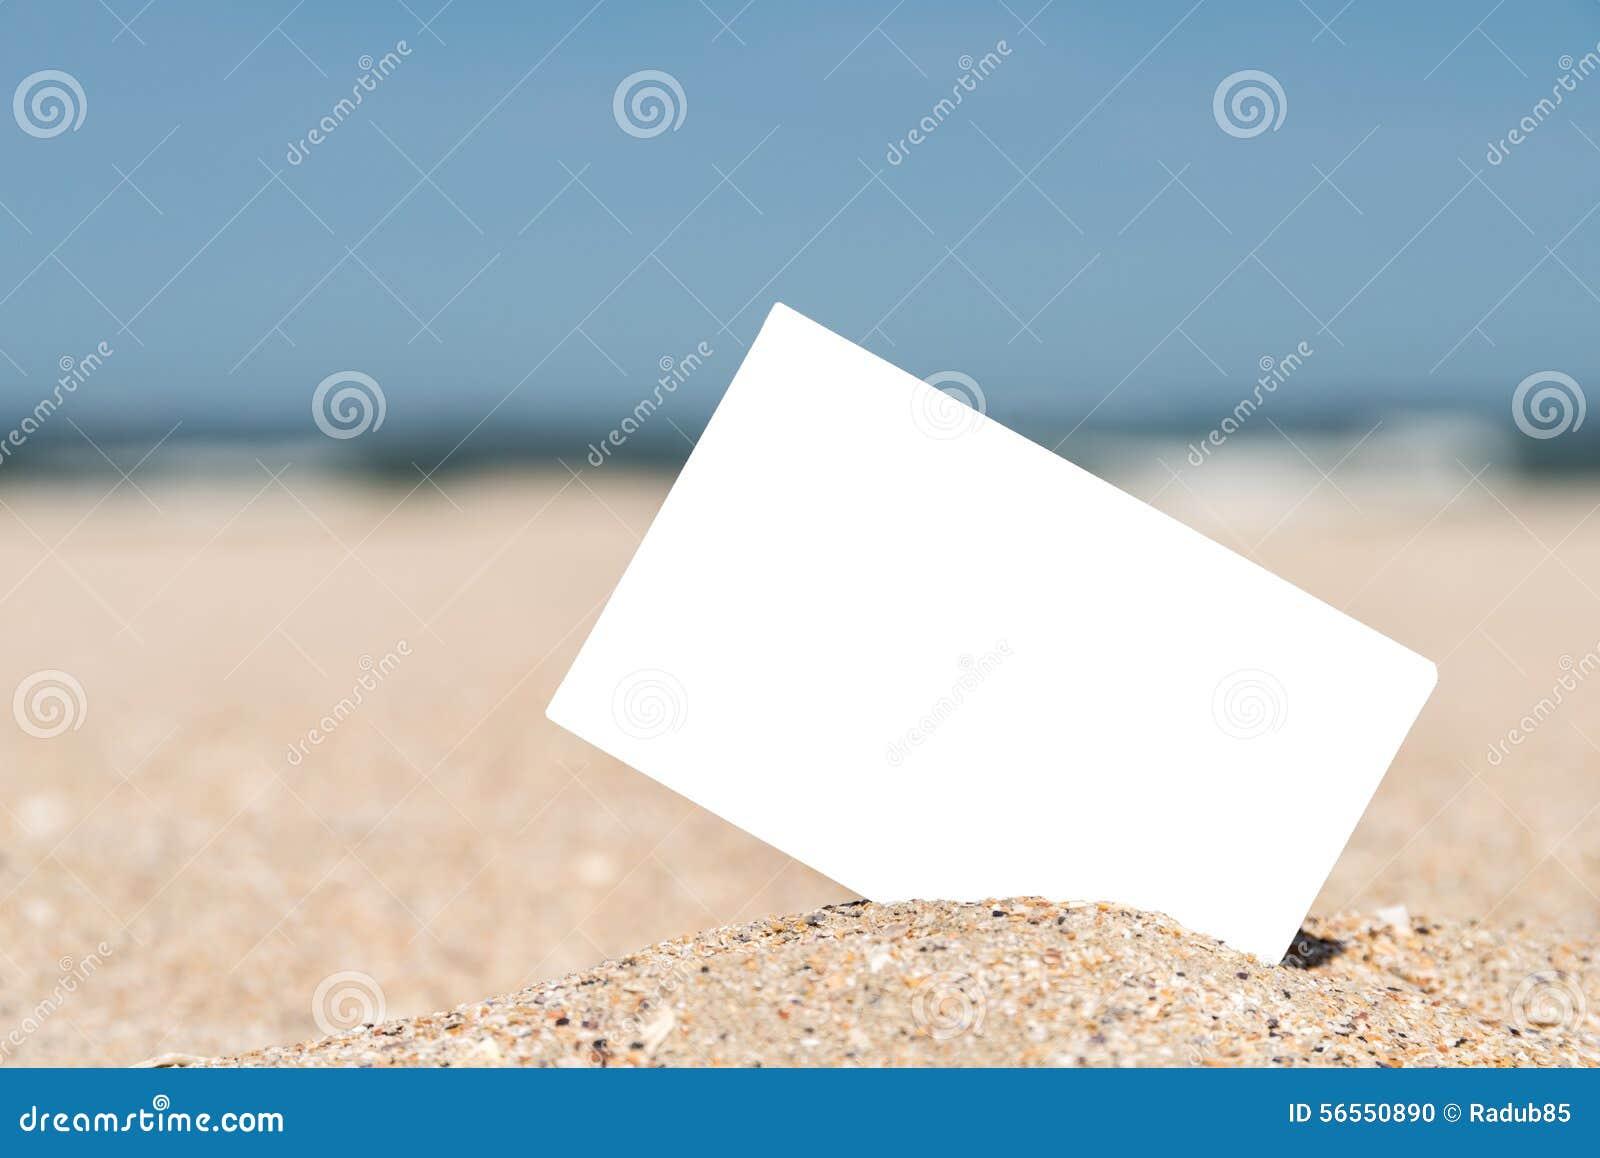 Download Άσπρη κενή στιγμιαία κάρτα φωτογραφιών στην άμμο παραλιών Στοκ Εικόνες - εικόνα από παλαιός, ναυτικό: 56550890